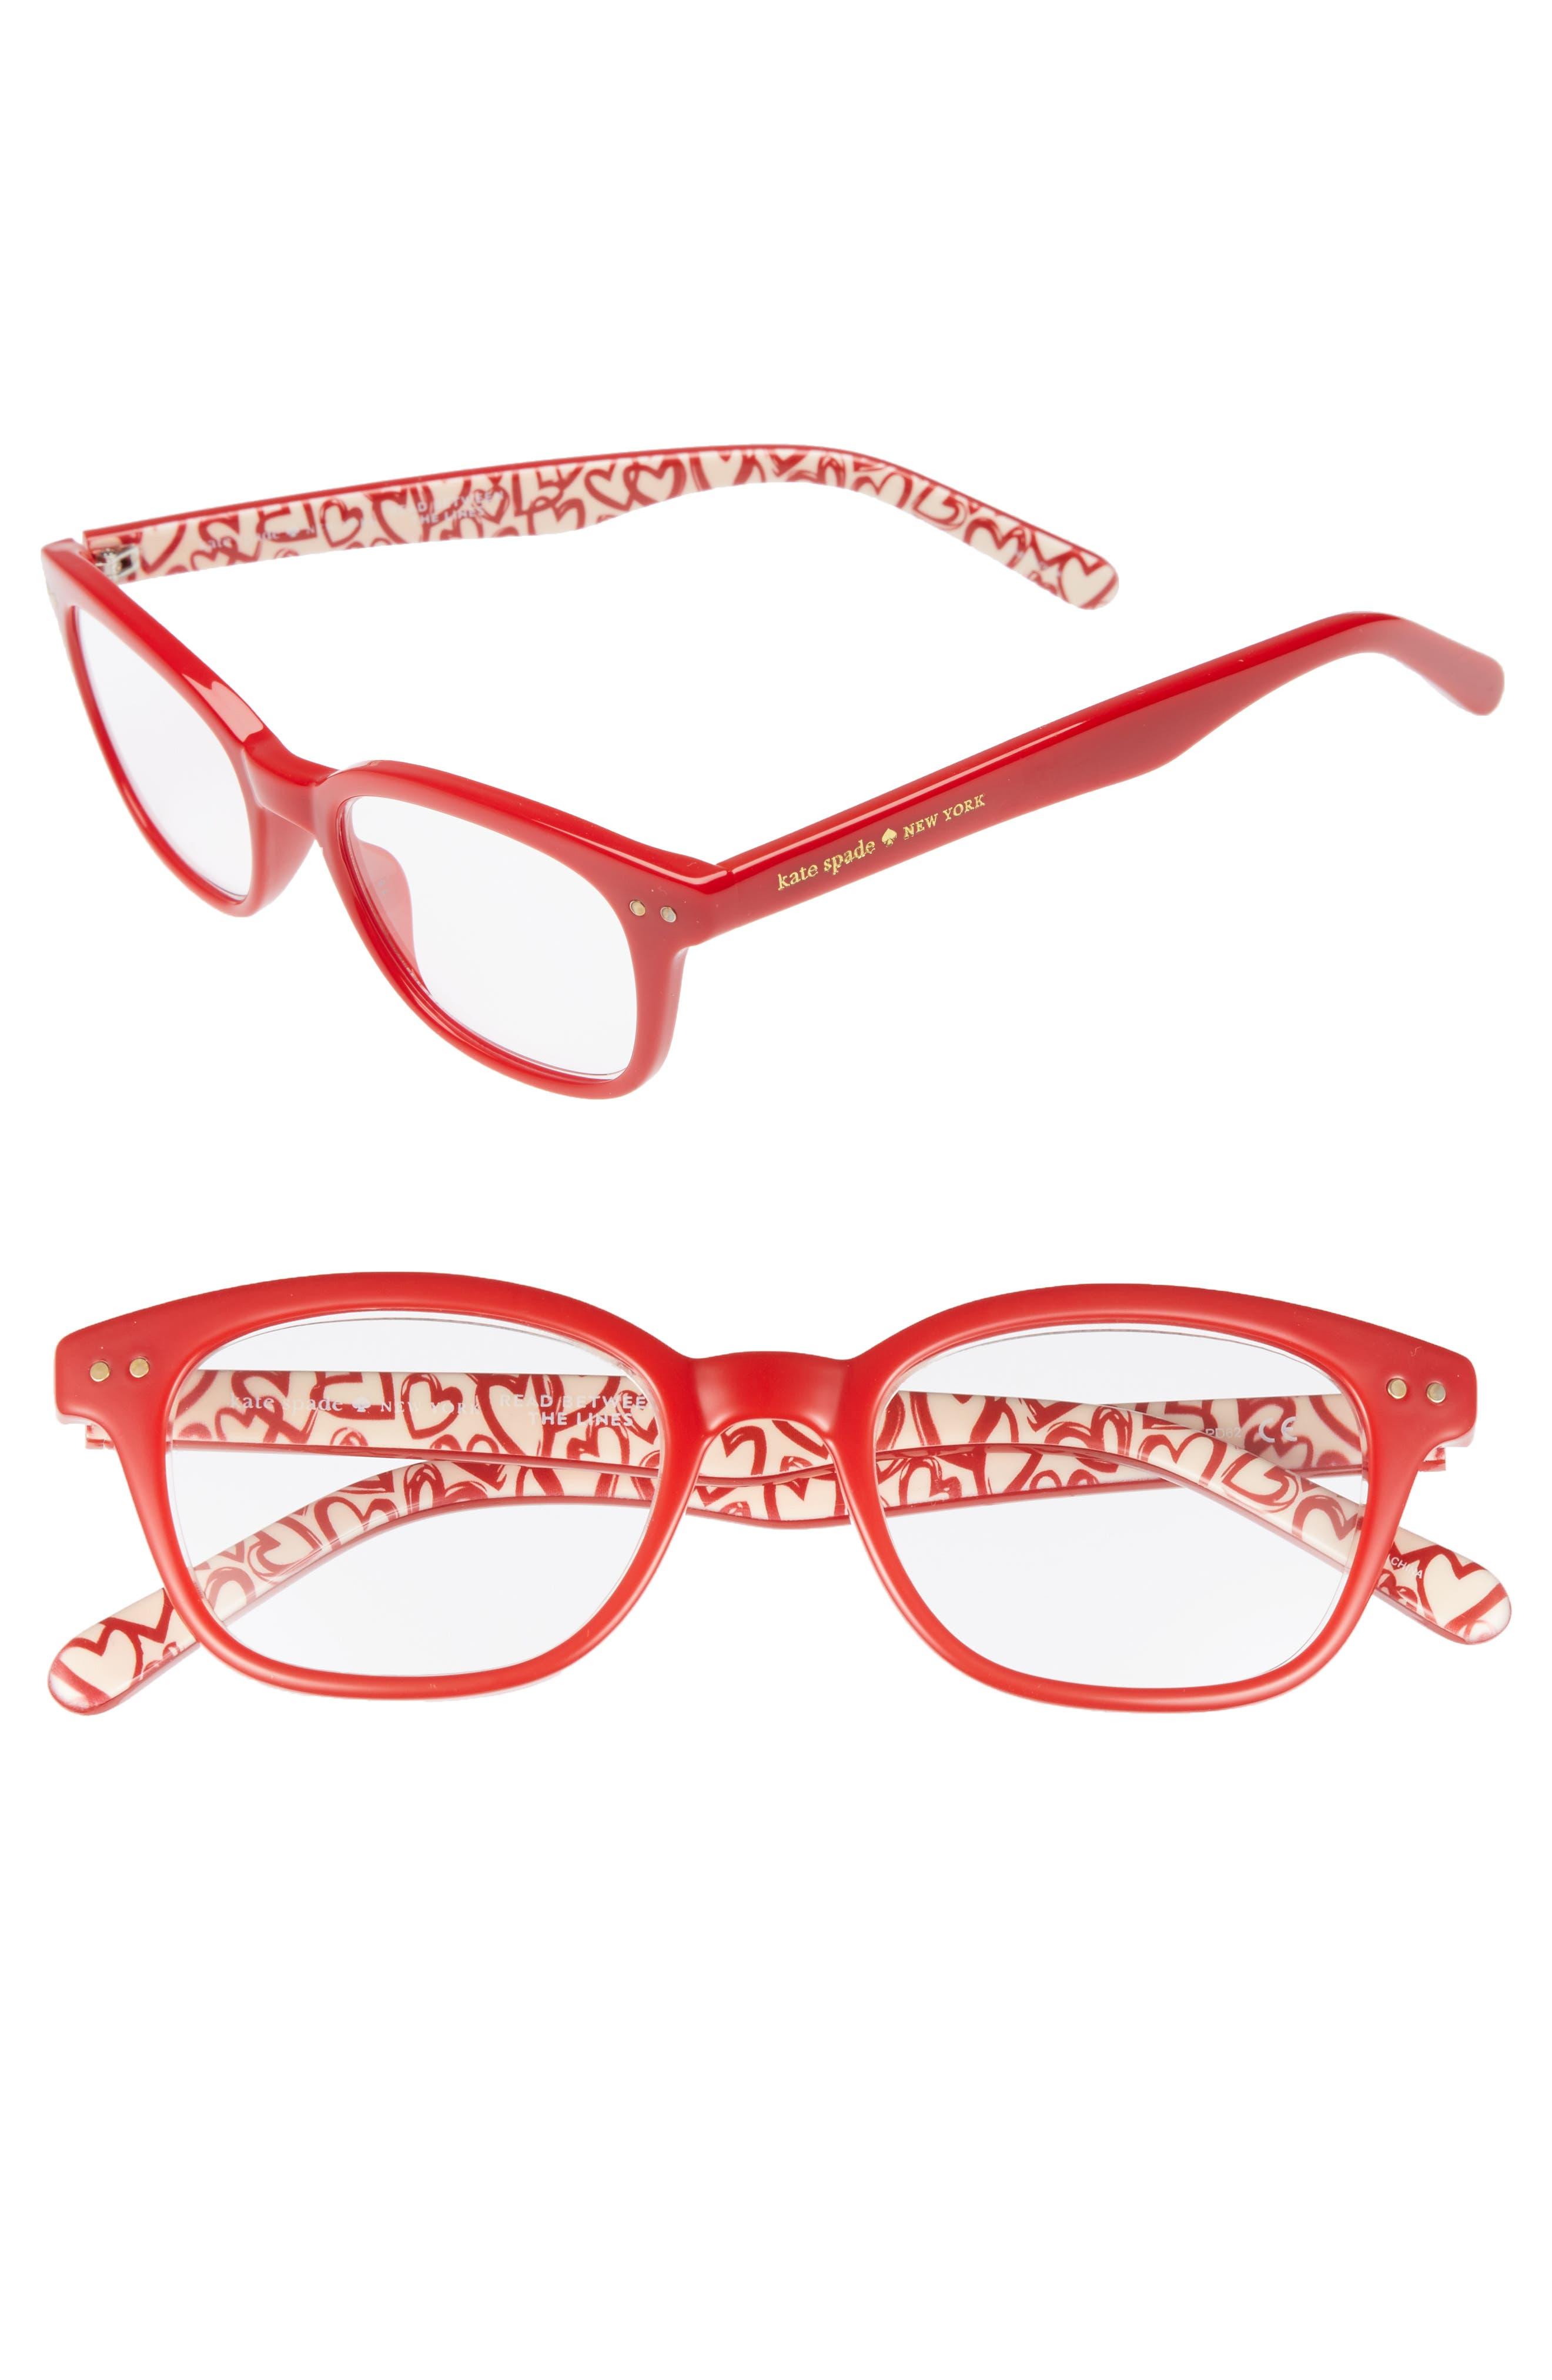 fe06e3c03200 Kate Spade New York Optical Frames   Reading Glasses